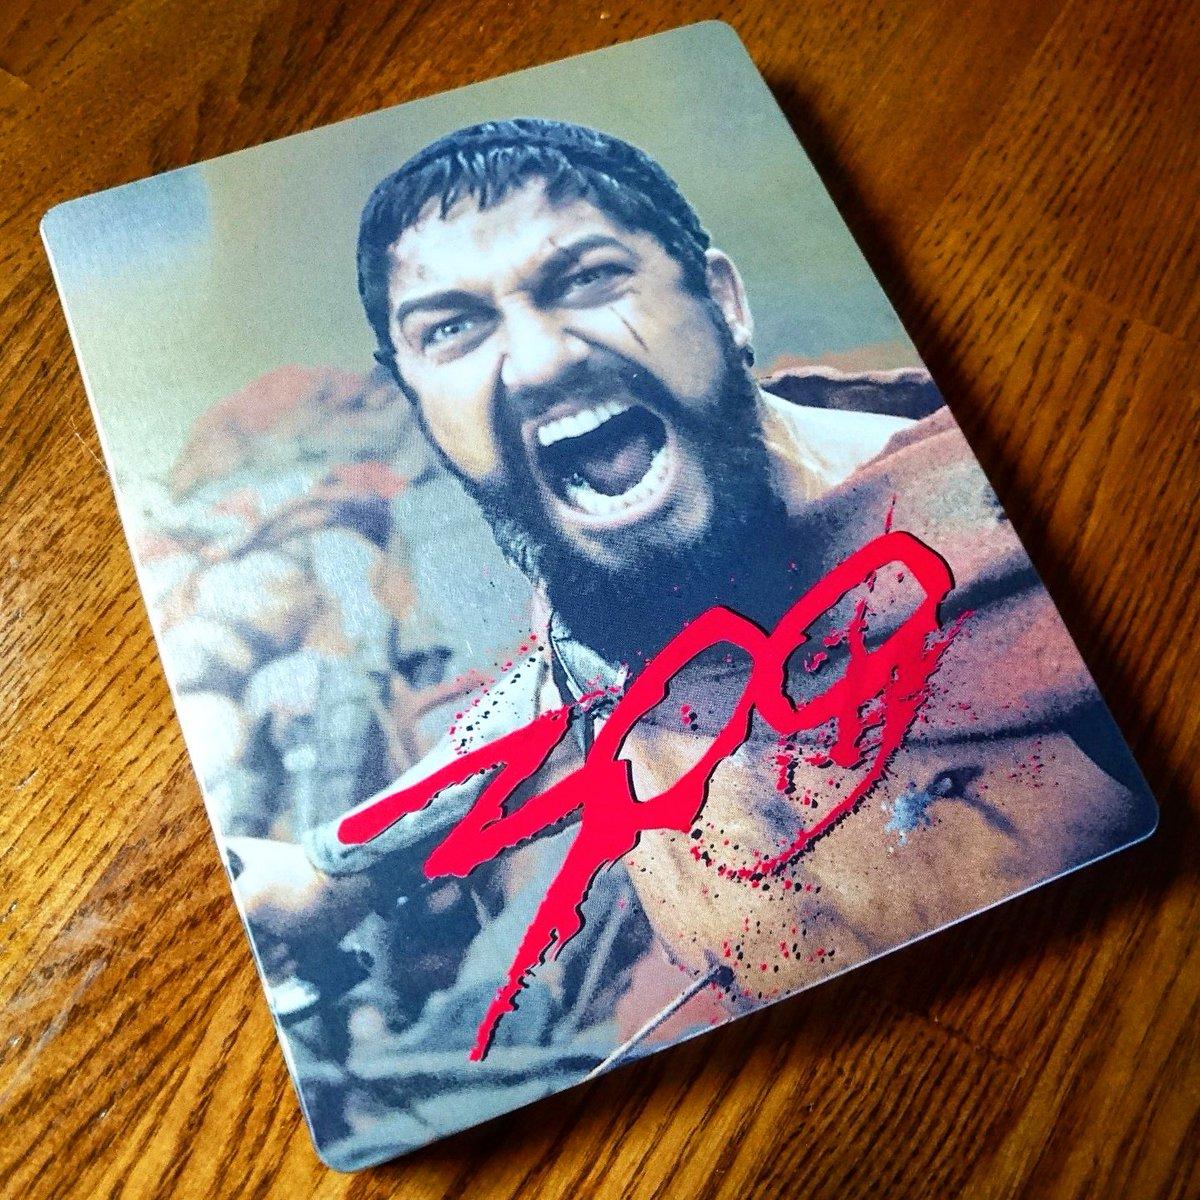 スチールブック12枚目は『300(スリーハンドレッド)』スパルタ軍大好きマンだからこのデザインは堪らない。#スチールブッ